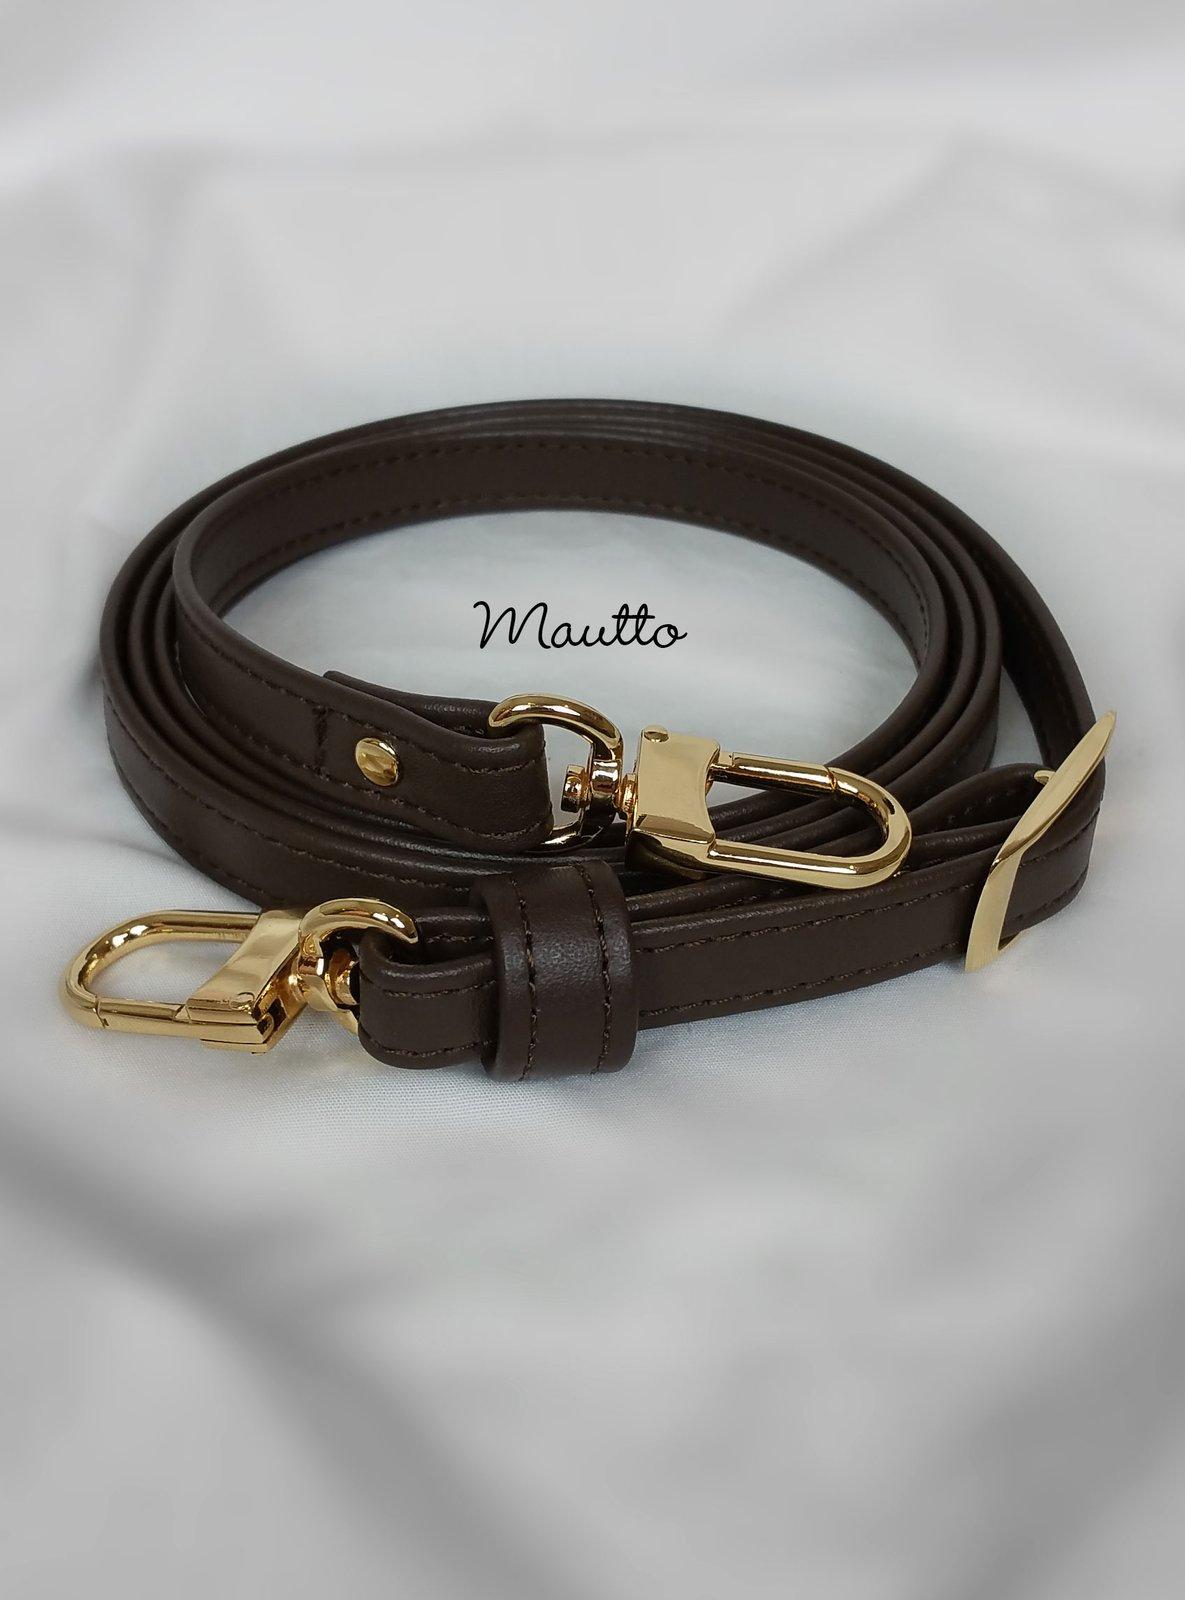 c75e8c15 Dark Brown Leather Strap for Louis Vuitton Pochette/Eva/etc - .5